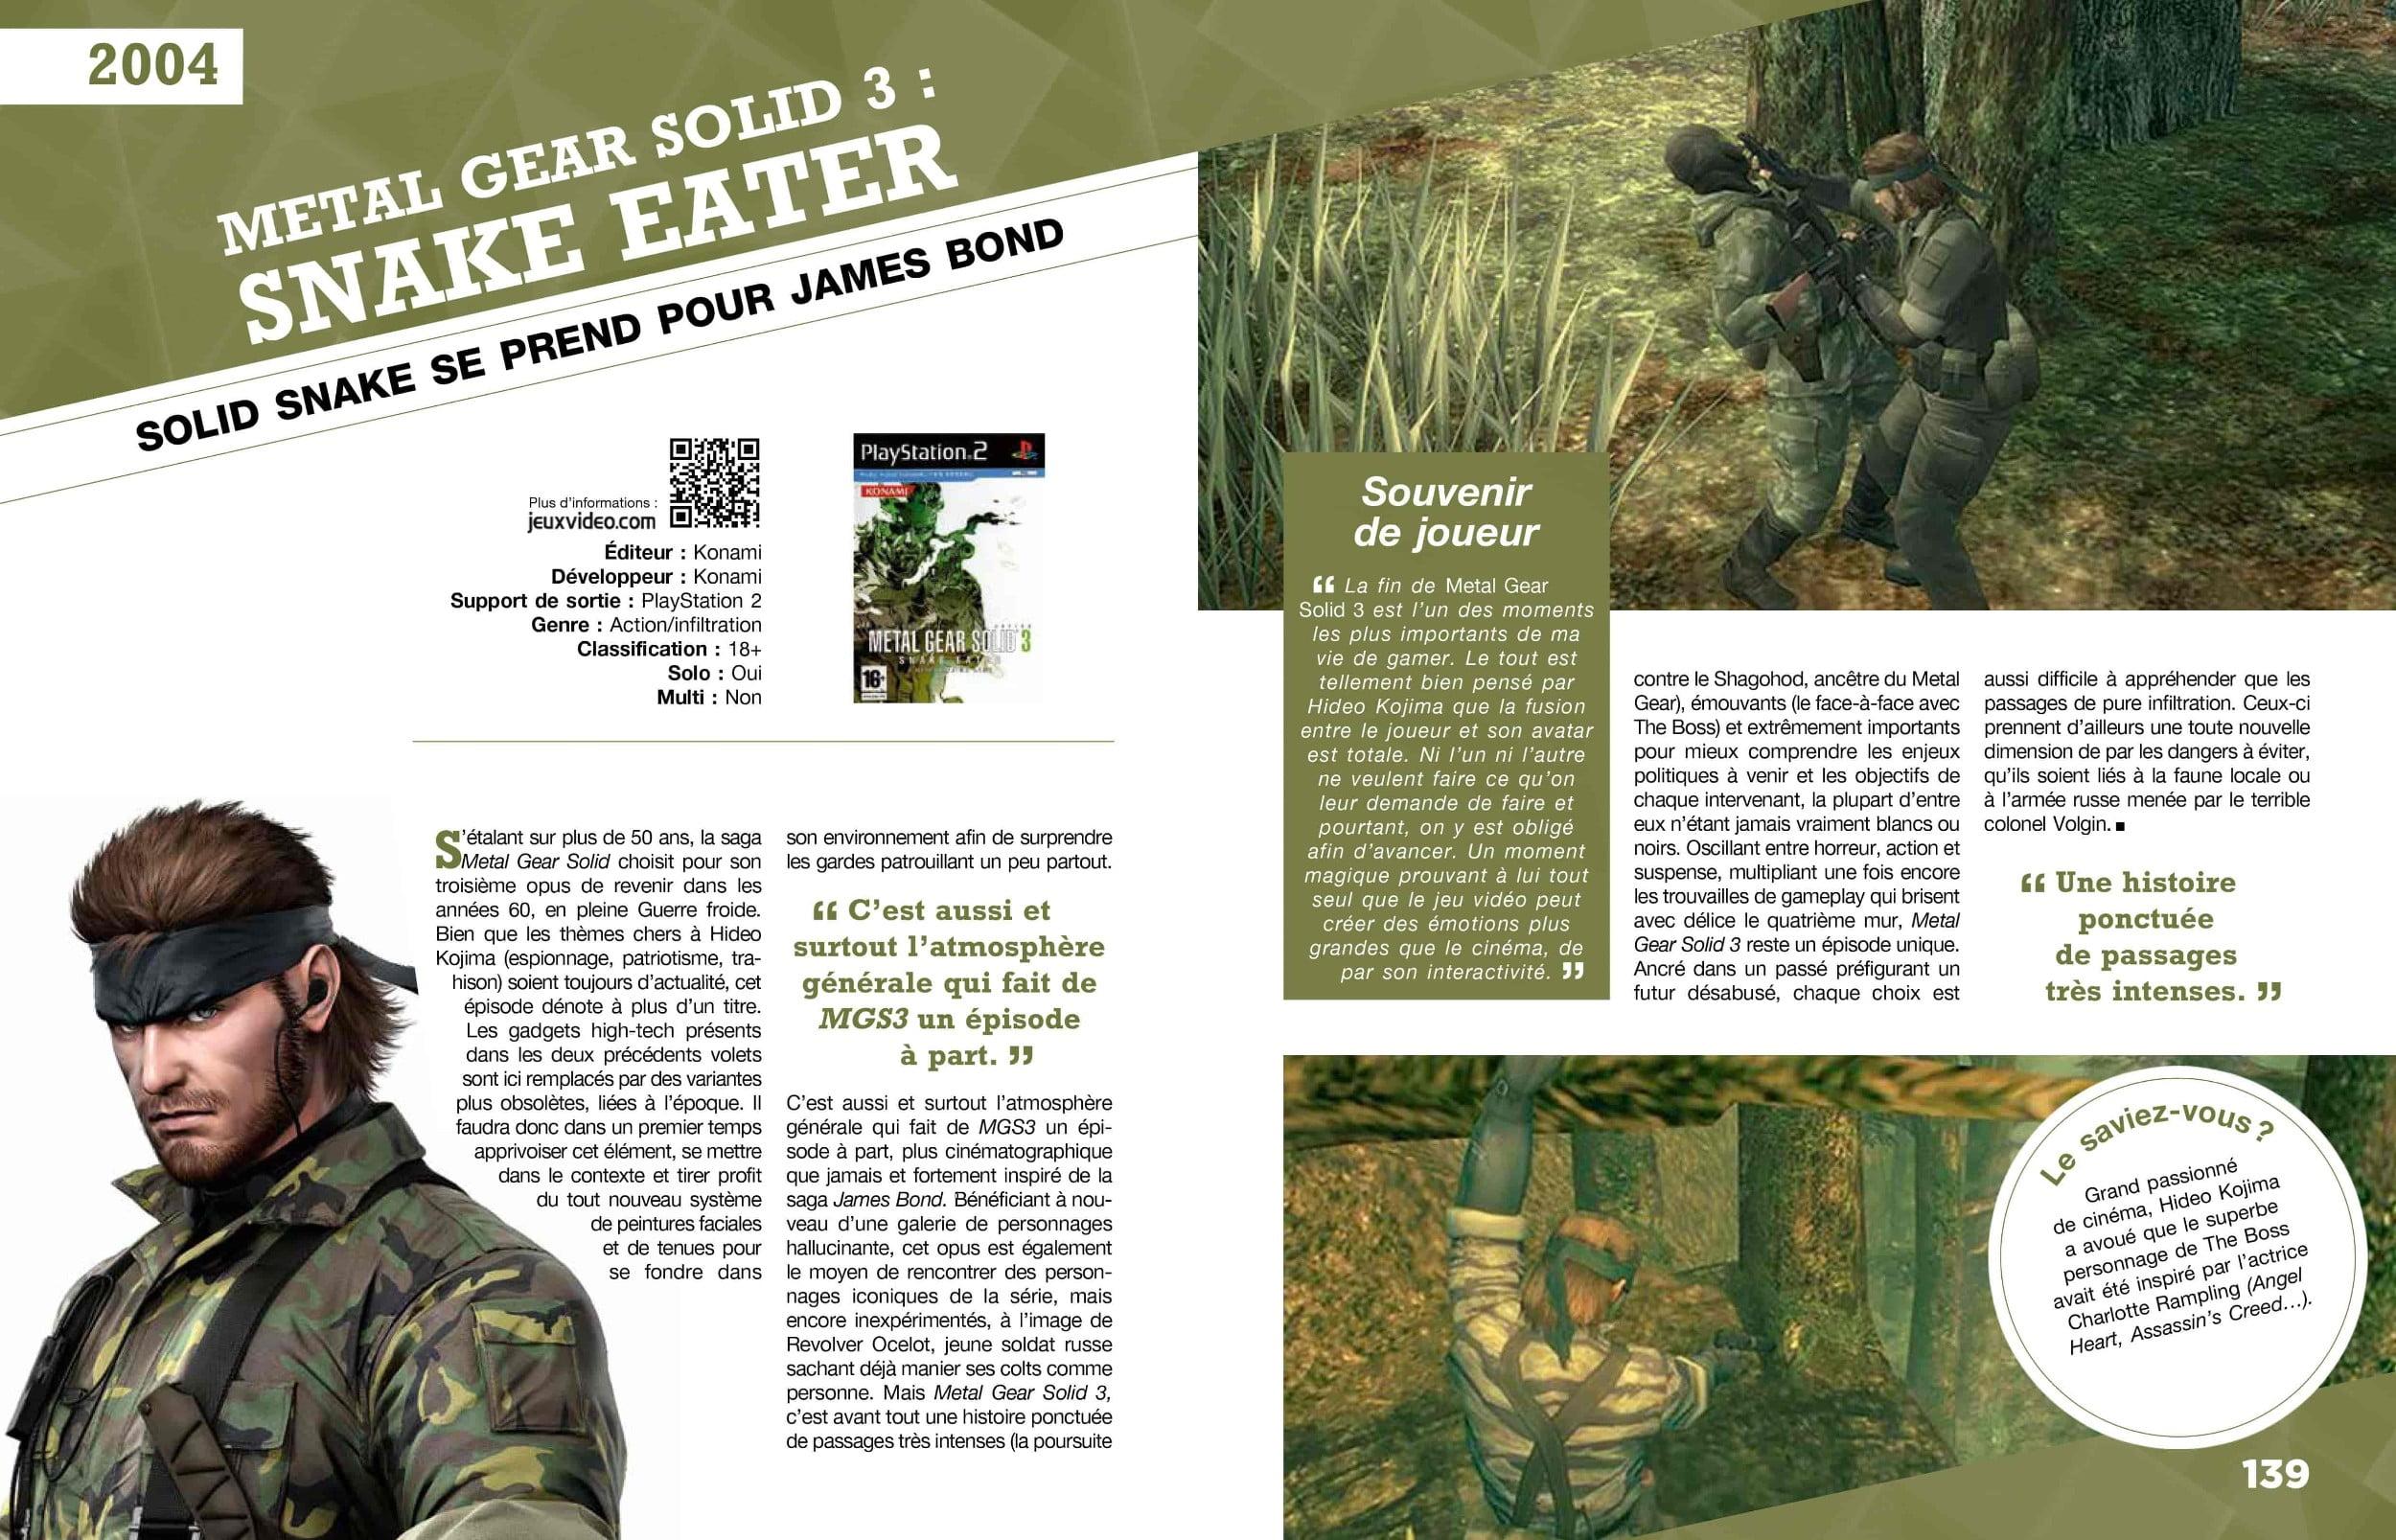 """metal-gear-solid-3 #Concours : 1 livre """"100 jeux vidéo incontournables"""" à gagner !"""